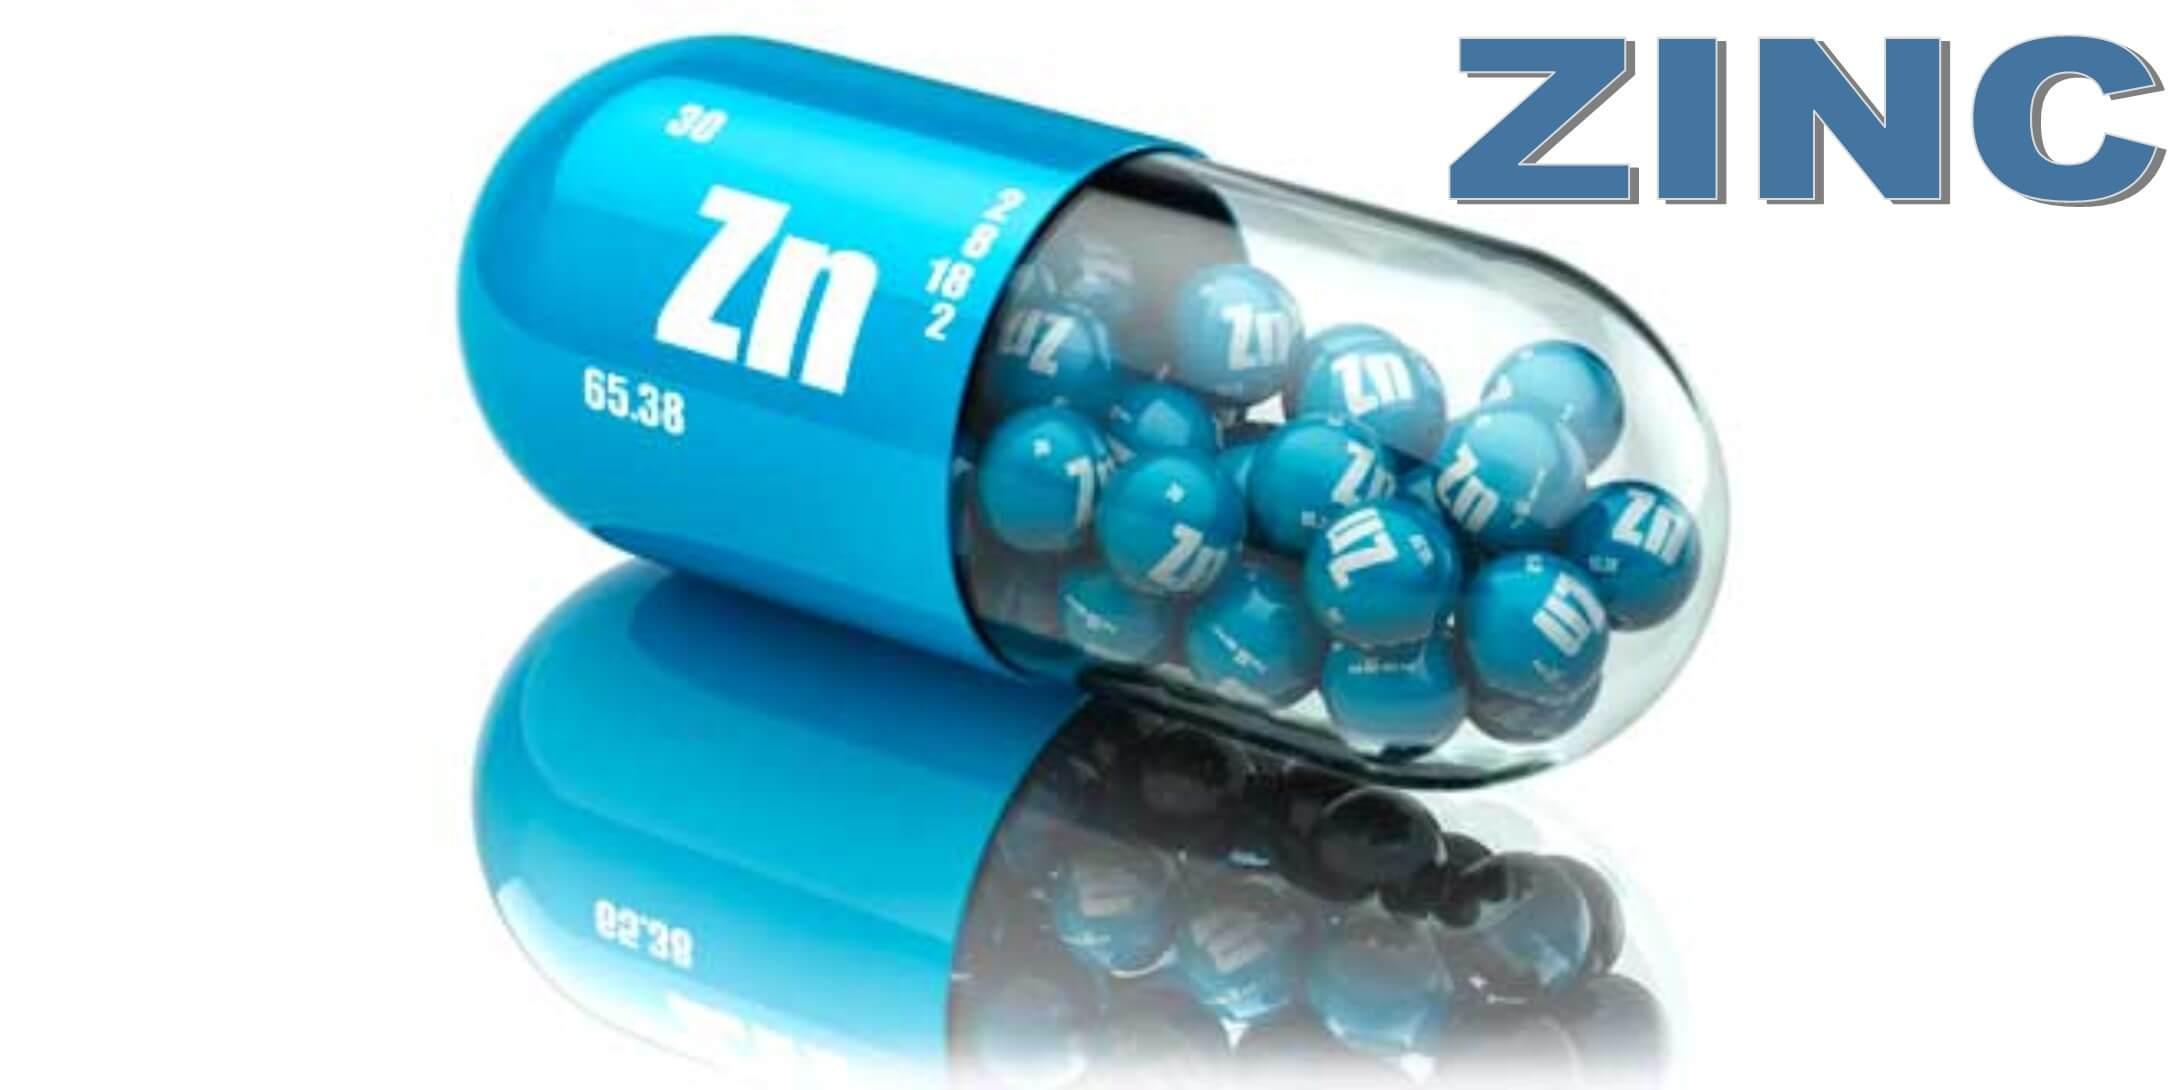 10 Zinc ผลิตภัณฑ์เสริมอาหาร ตัวช่วยบำรุงร่างกาย ฟื้นฟูผิวให้สวยจากภายในสู่ภายนอก [wpsm_custom_meta type=date field=year] 1